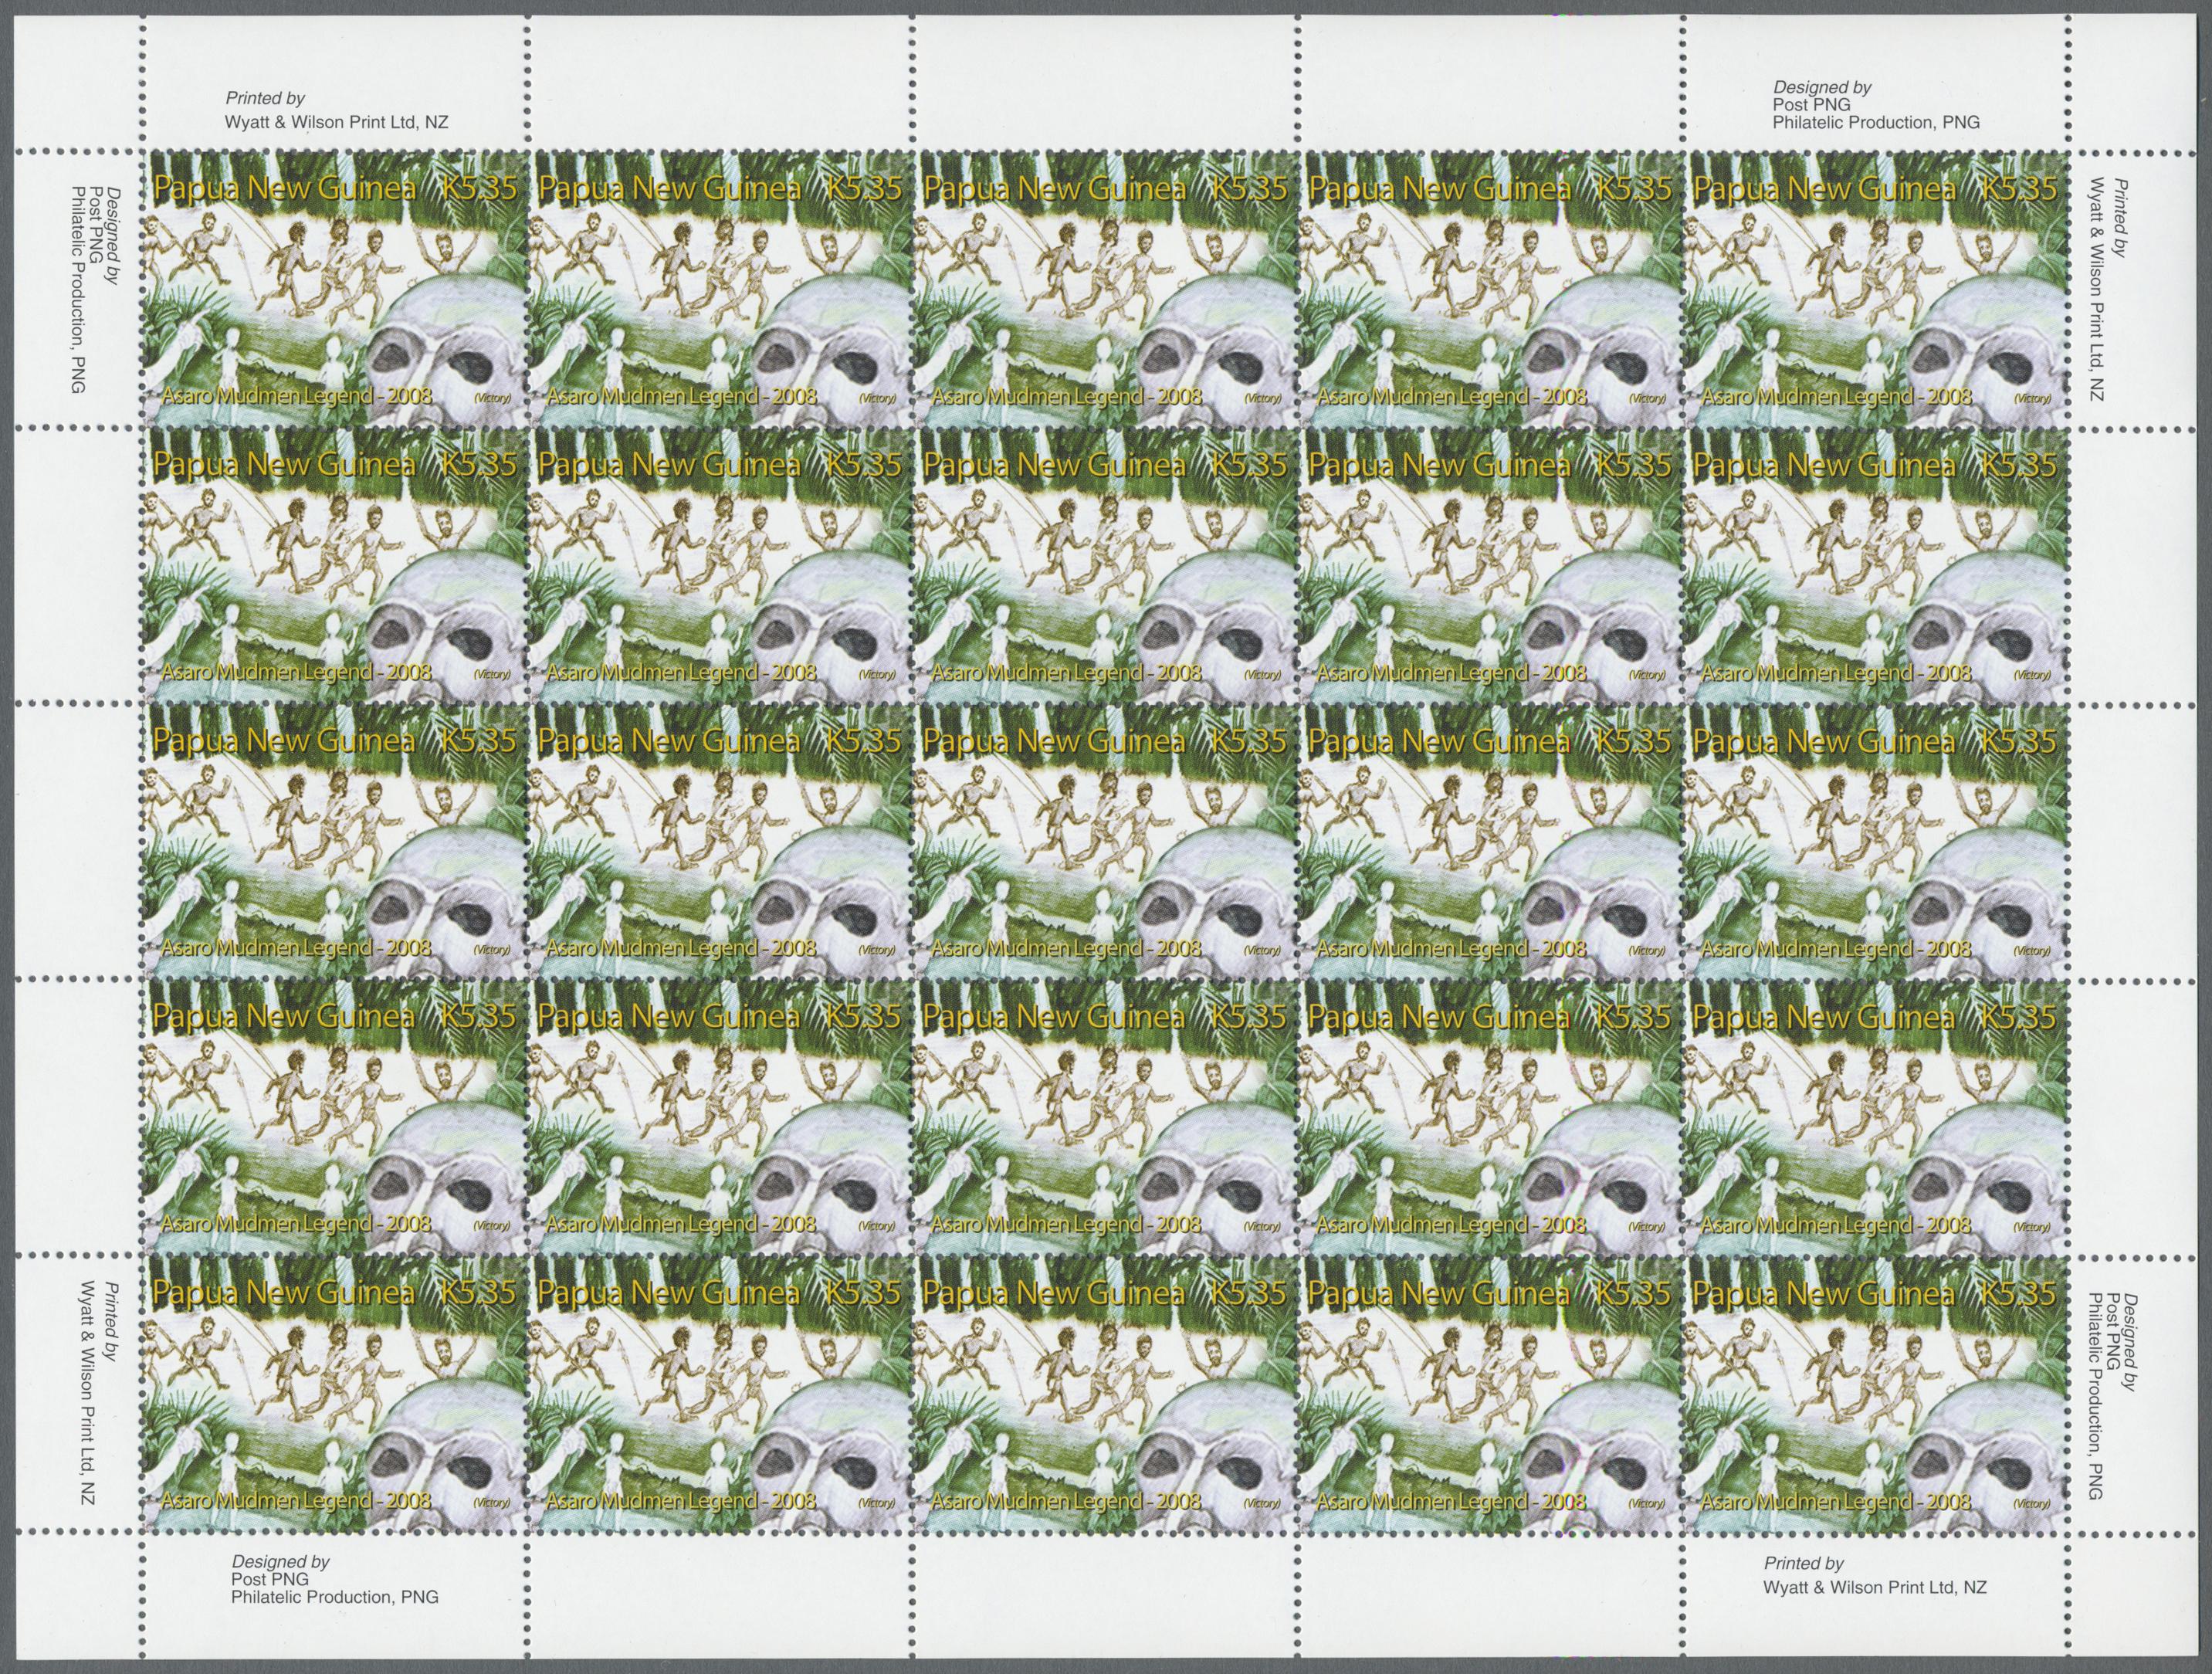 Äquatorialguinea 038 Guinea Diverse Marken Briefmarken